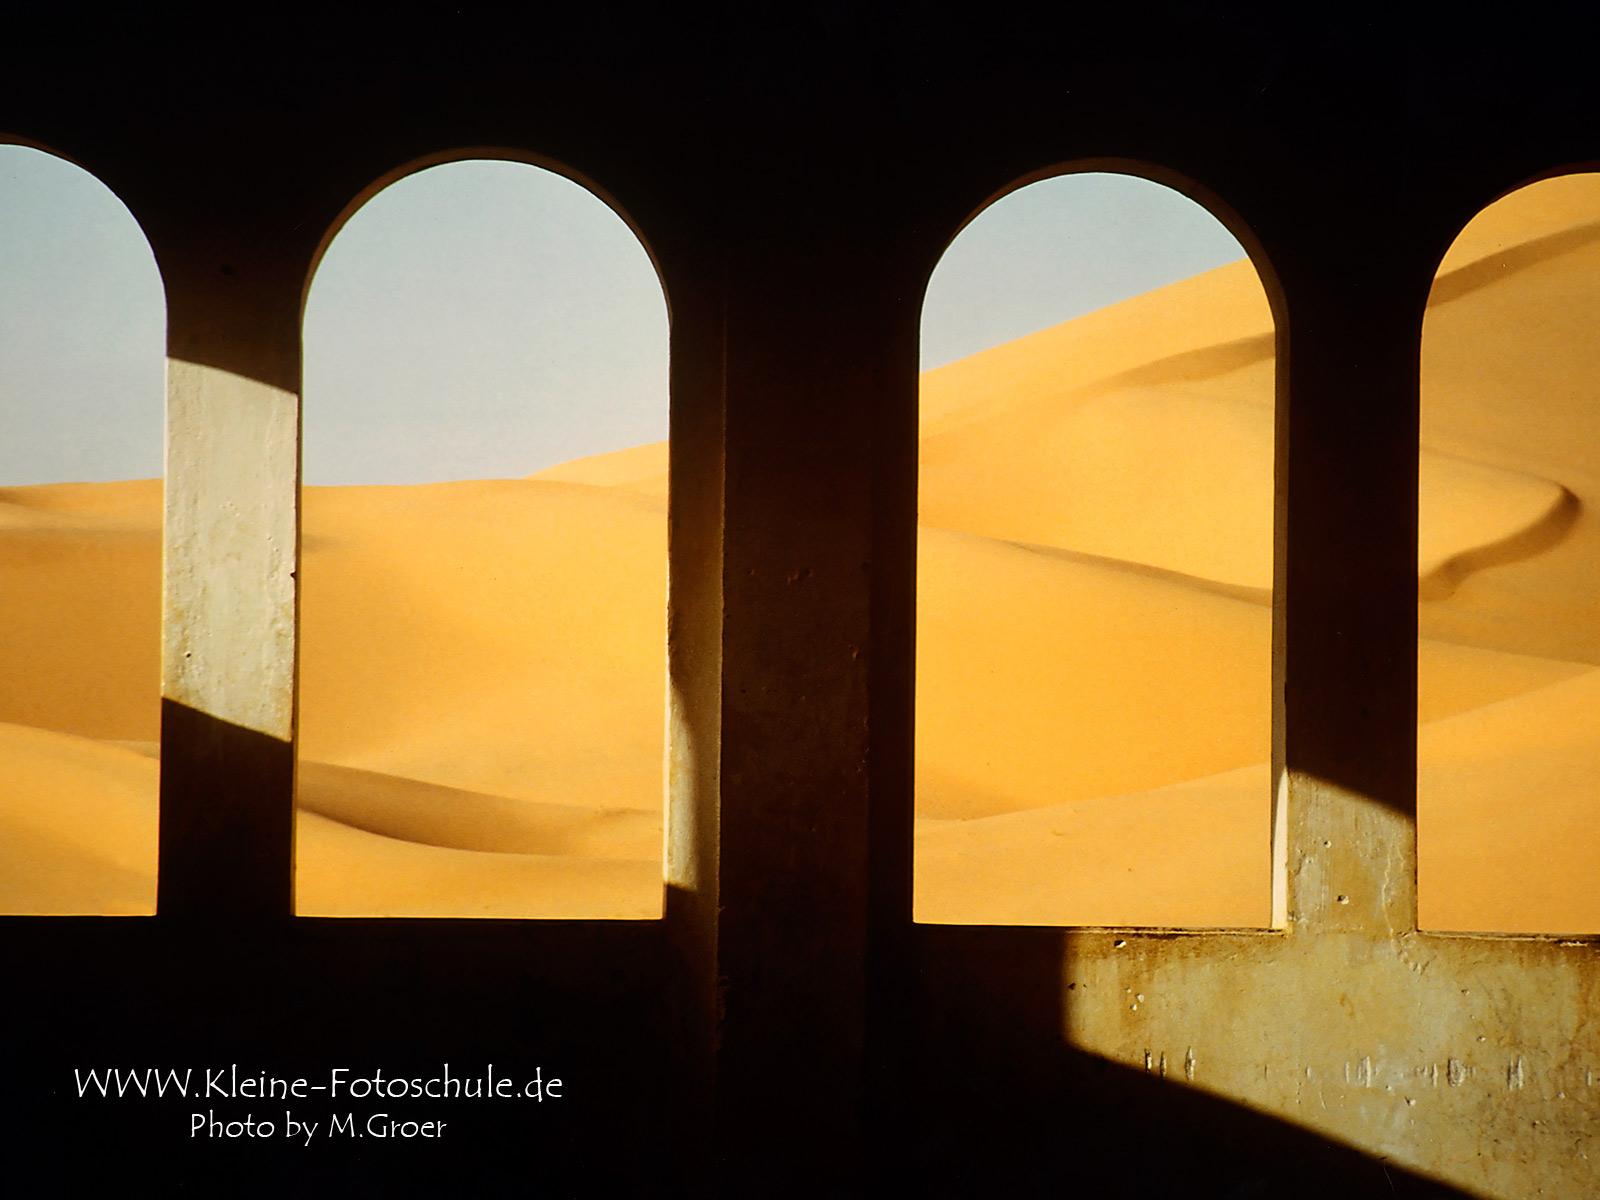 Rahmen - Kleine-Fotoschule.de | Entdecken Sie die faszinierende Welt ...